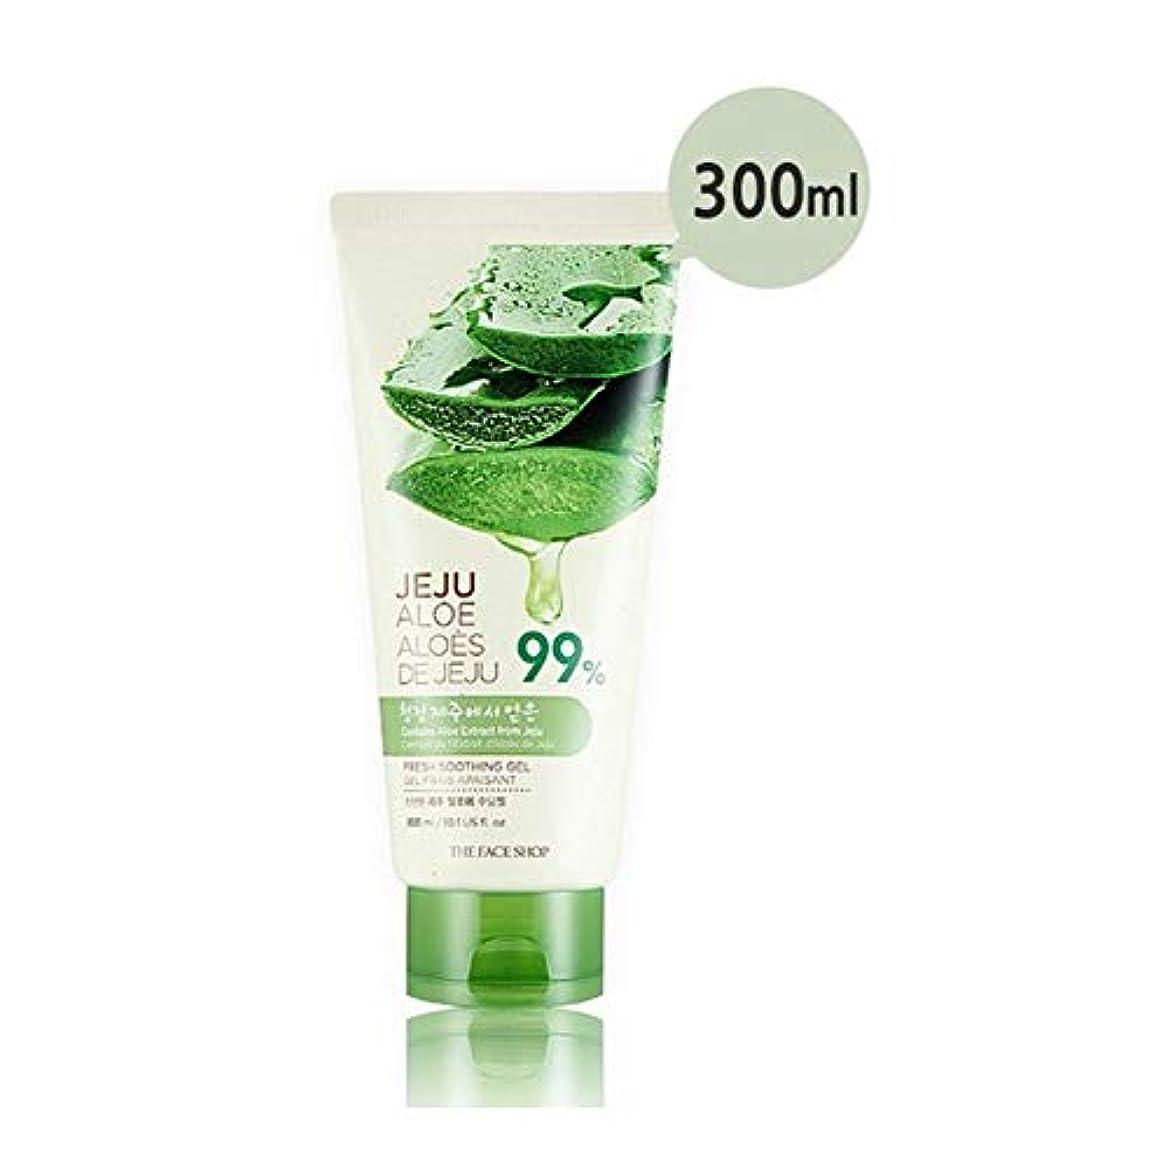 留め金連隊砲兵ザ?フェイスショップ済州アロエ新鮮なスーディングジェル300ml x 2本セット韓国コスメ、The Face Shop Jeju Aloe Fresh Soothing Gel 300ml x 2ea Set Korean Cosmetics [並行輸入品]